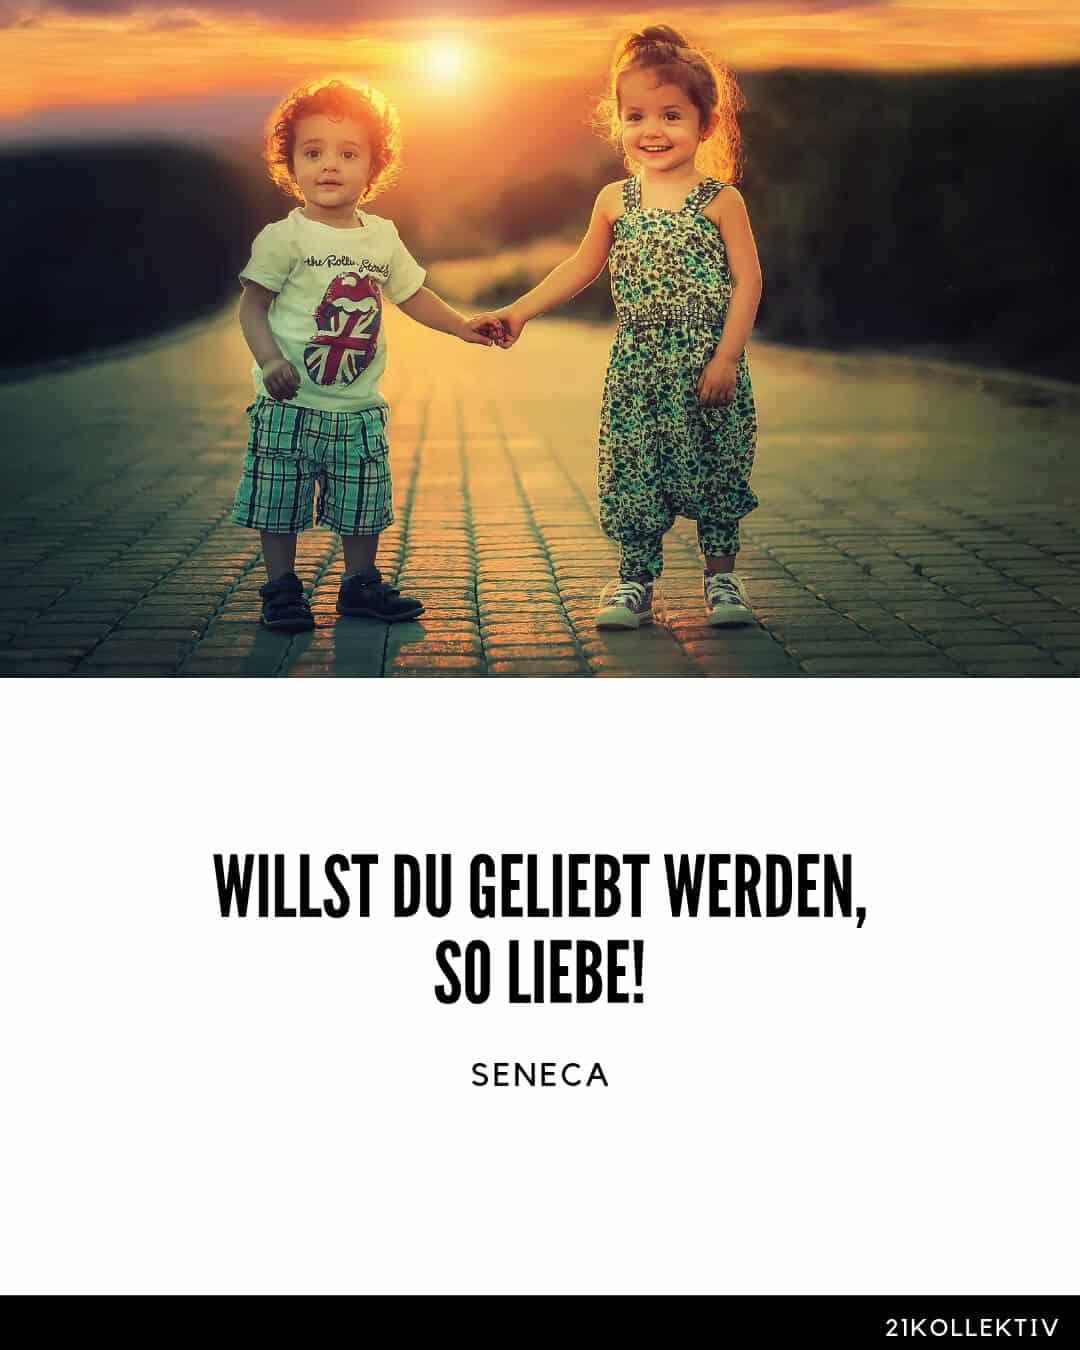 Die Wohl wichtigste Lebensweisheit von Seneca: Willst du geliebt werden, so liebe!